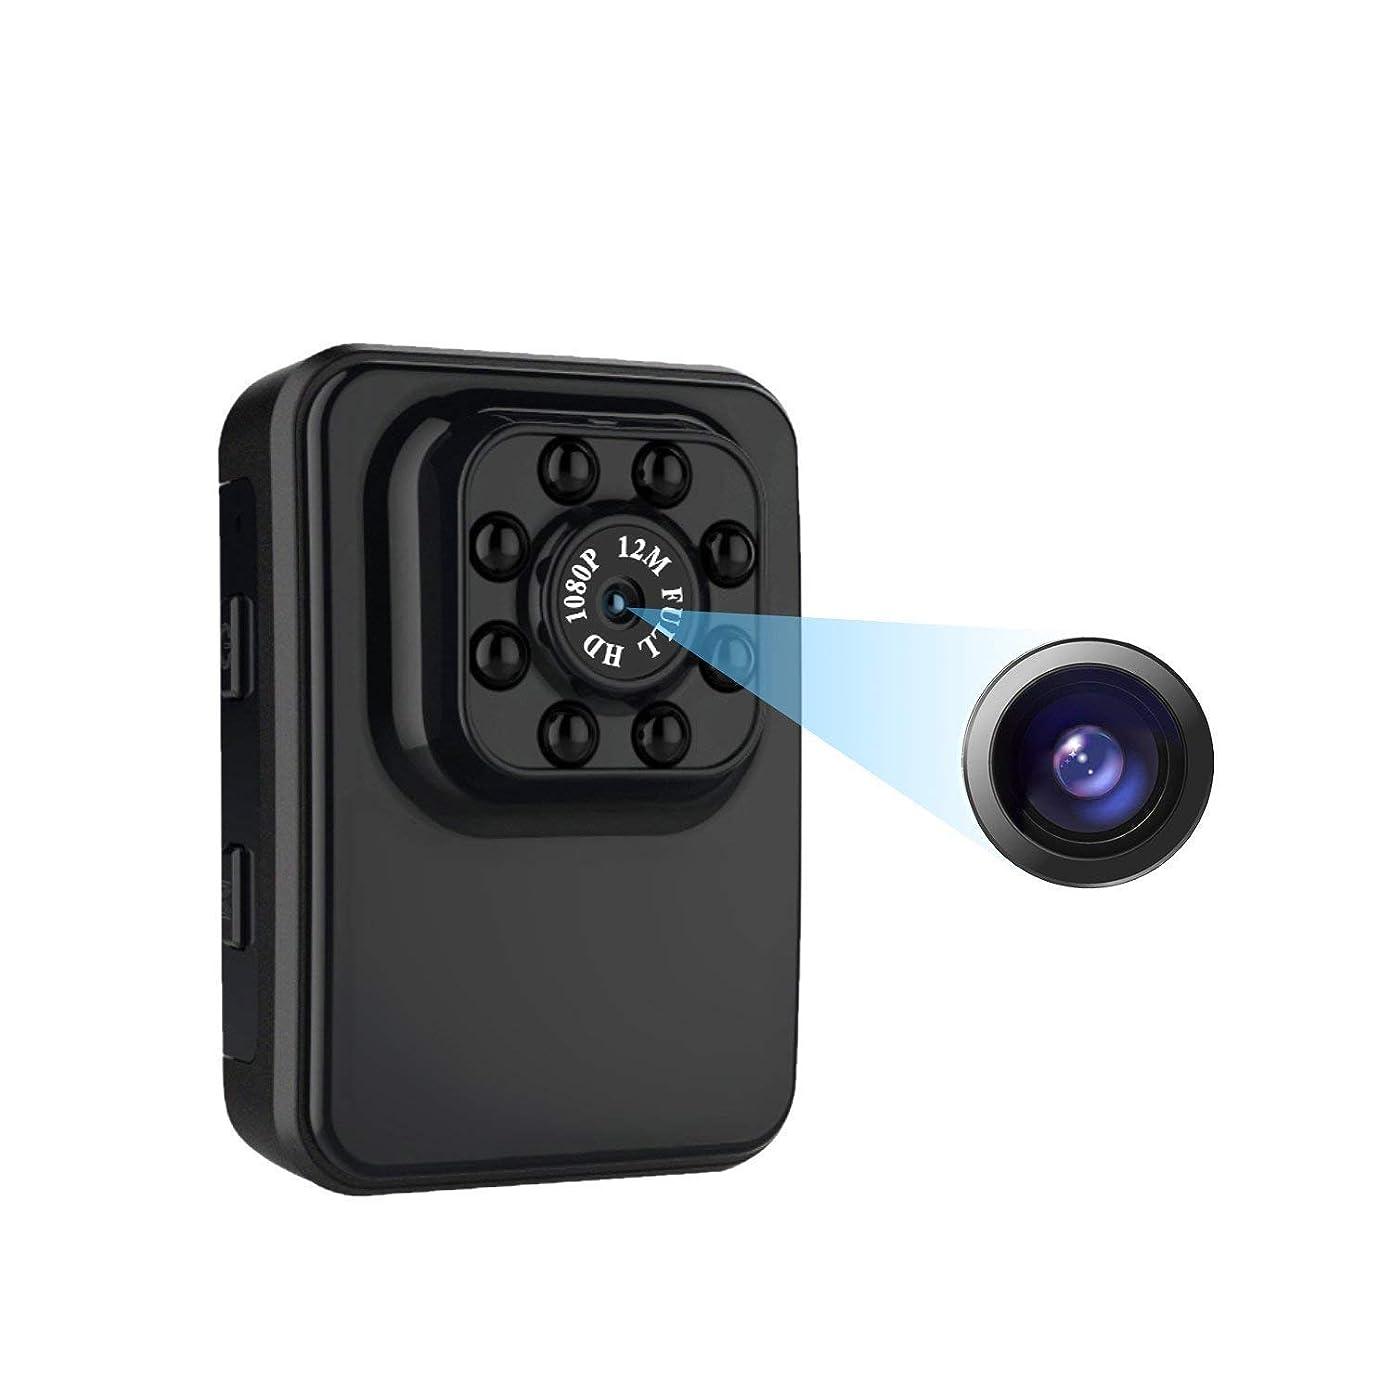 トレード案件南東XHMCDZ 隠しミニスパイカメラ1080 pフルHD隠しカメラ動き検出/iPhone/Android携帯電話/iPad/PC用ナイトビジョン、広角レンズ、取り付け用アクセサリーキット付きスポーツアクションカム (色 : 32G memory card)